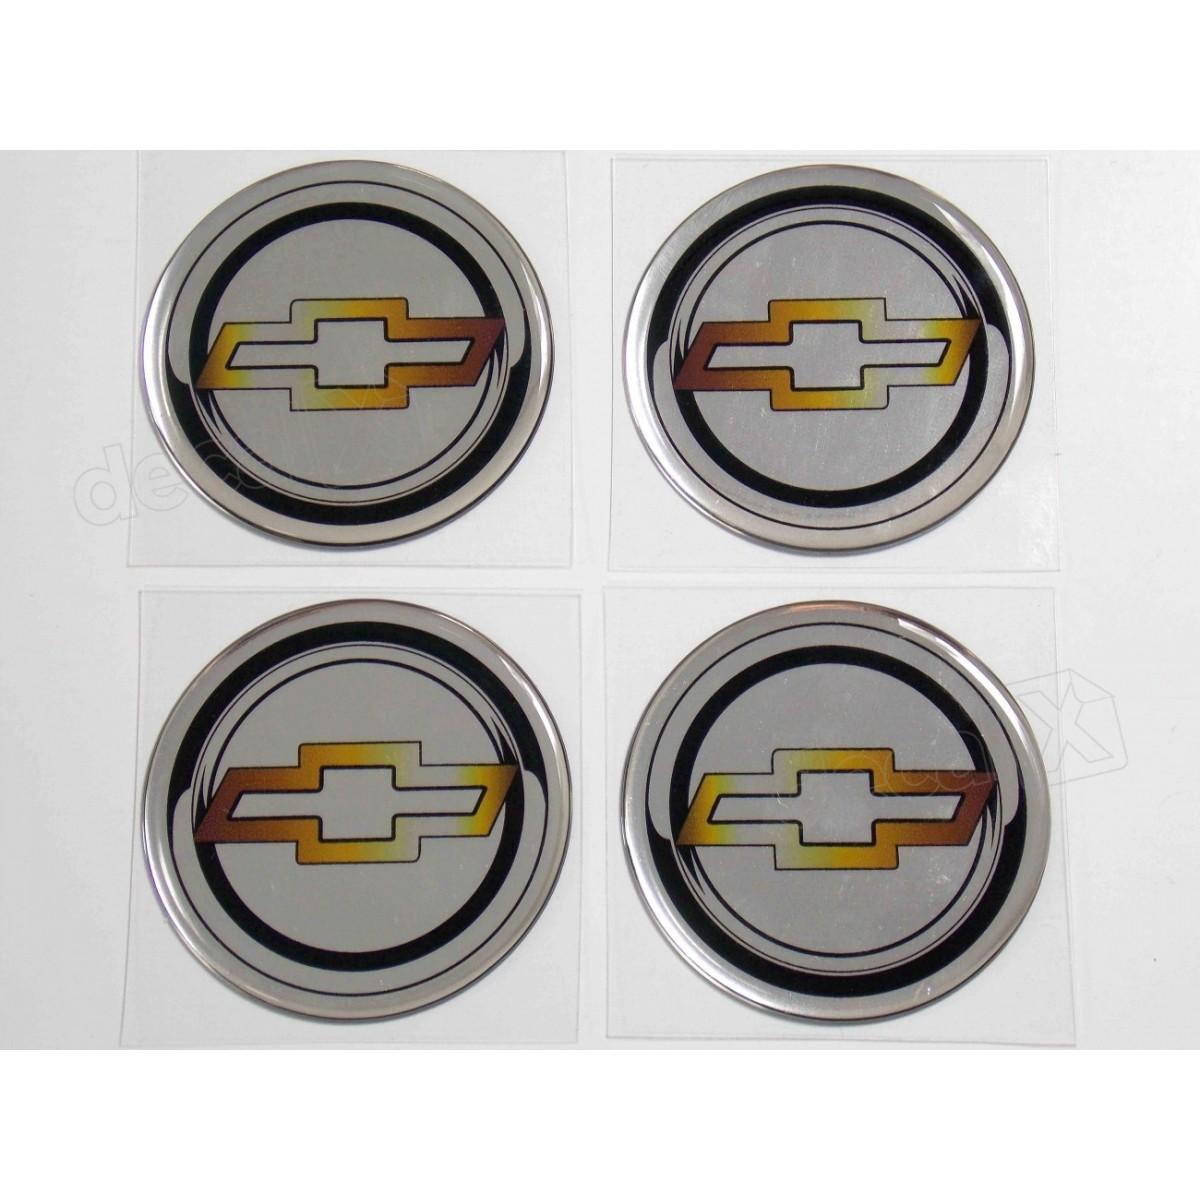 Adesivo Emblema Resinado Roda Chevrolet 55mm Cl3